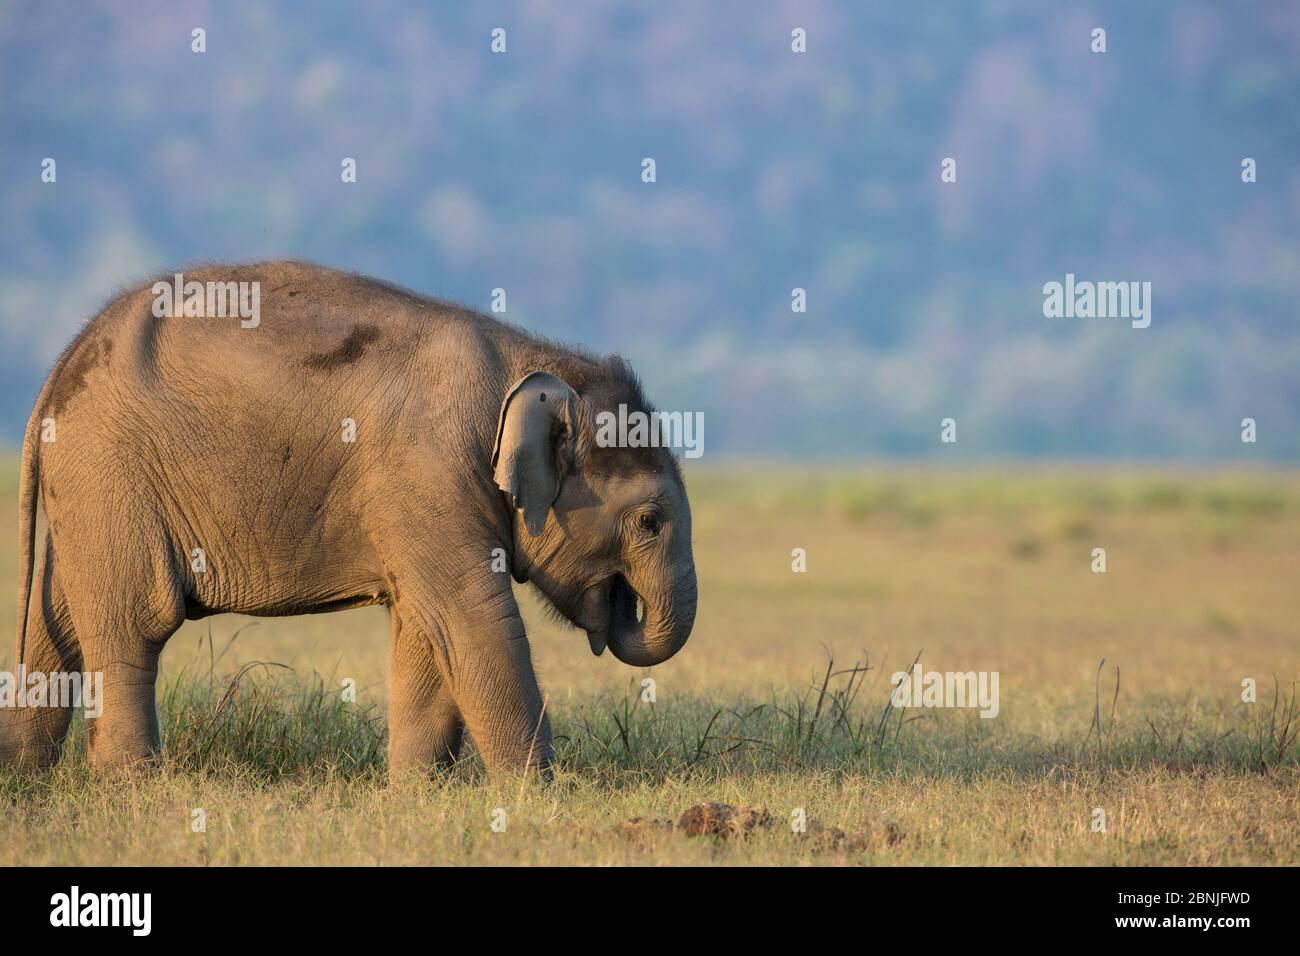 Elefante asiático (Elephas maximus), joven ternero que se alimenta de hierba, Jim Corbett National Park, India. Foto de stock